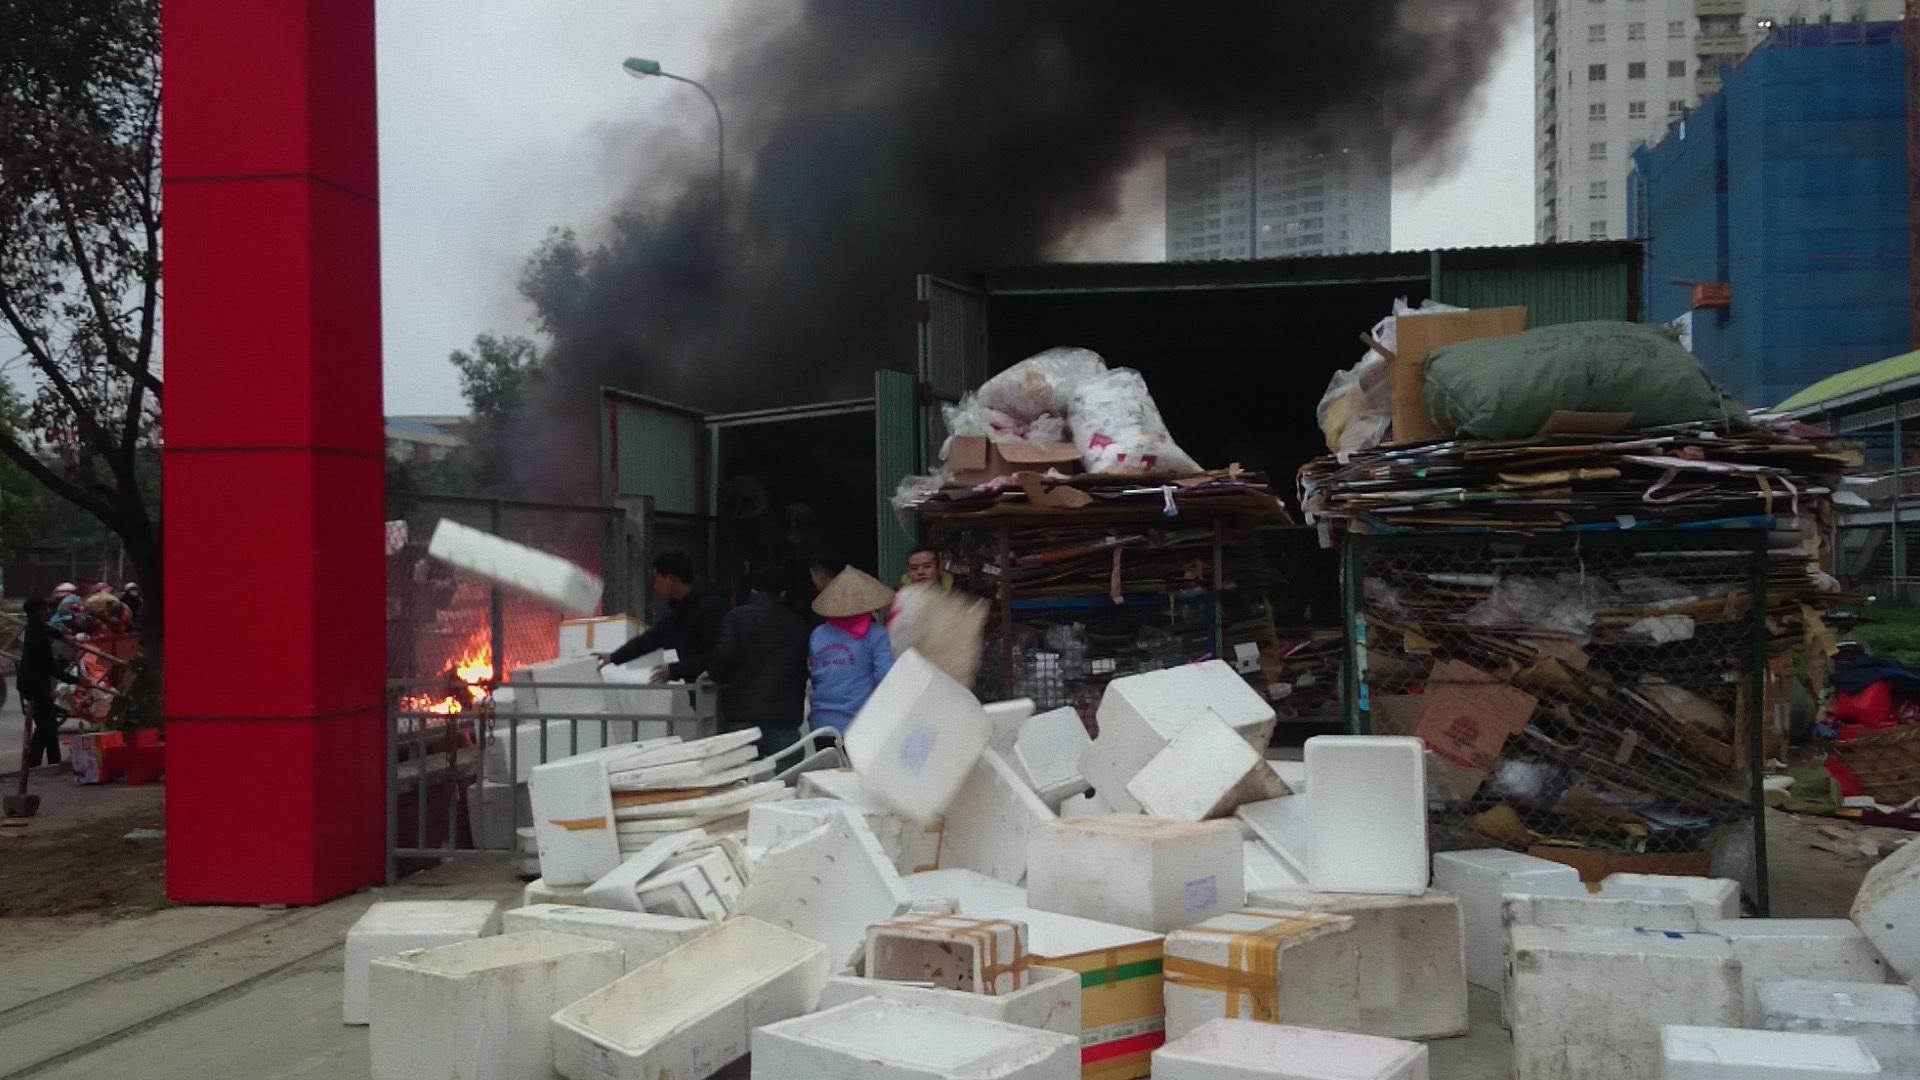 Nhanh chóng sơ tán đồ đạc tại kho chứa ra xa ngọn lửa